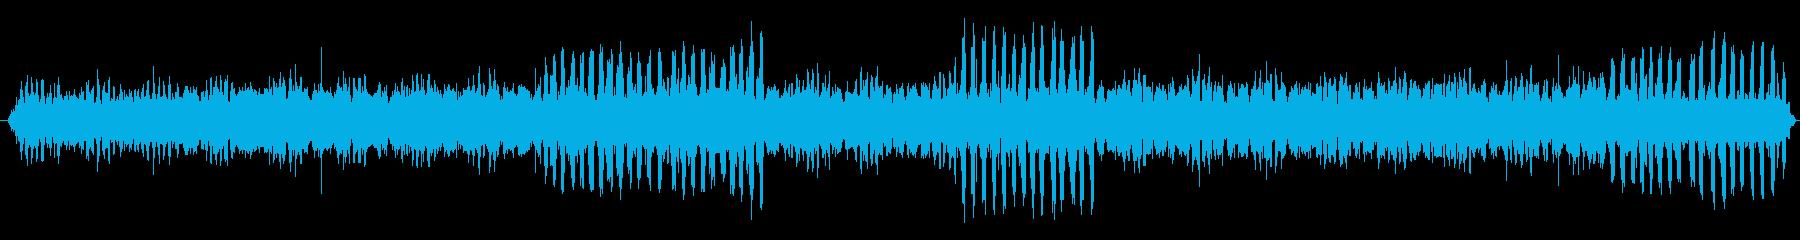 鈴虫と雨音の再生済みの波形